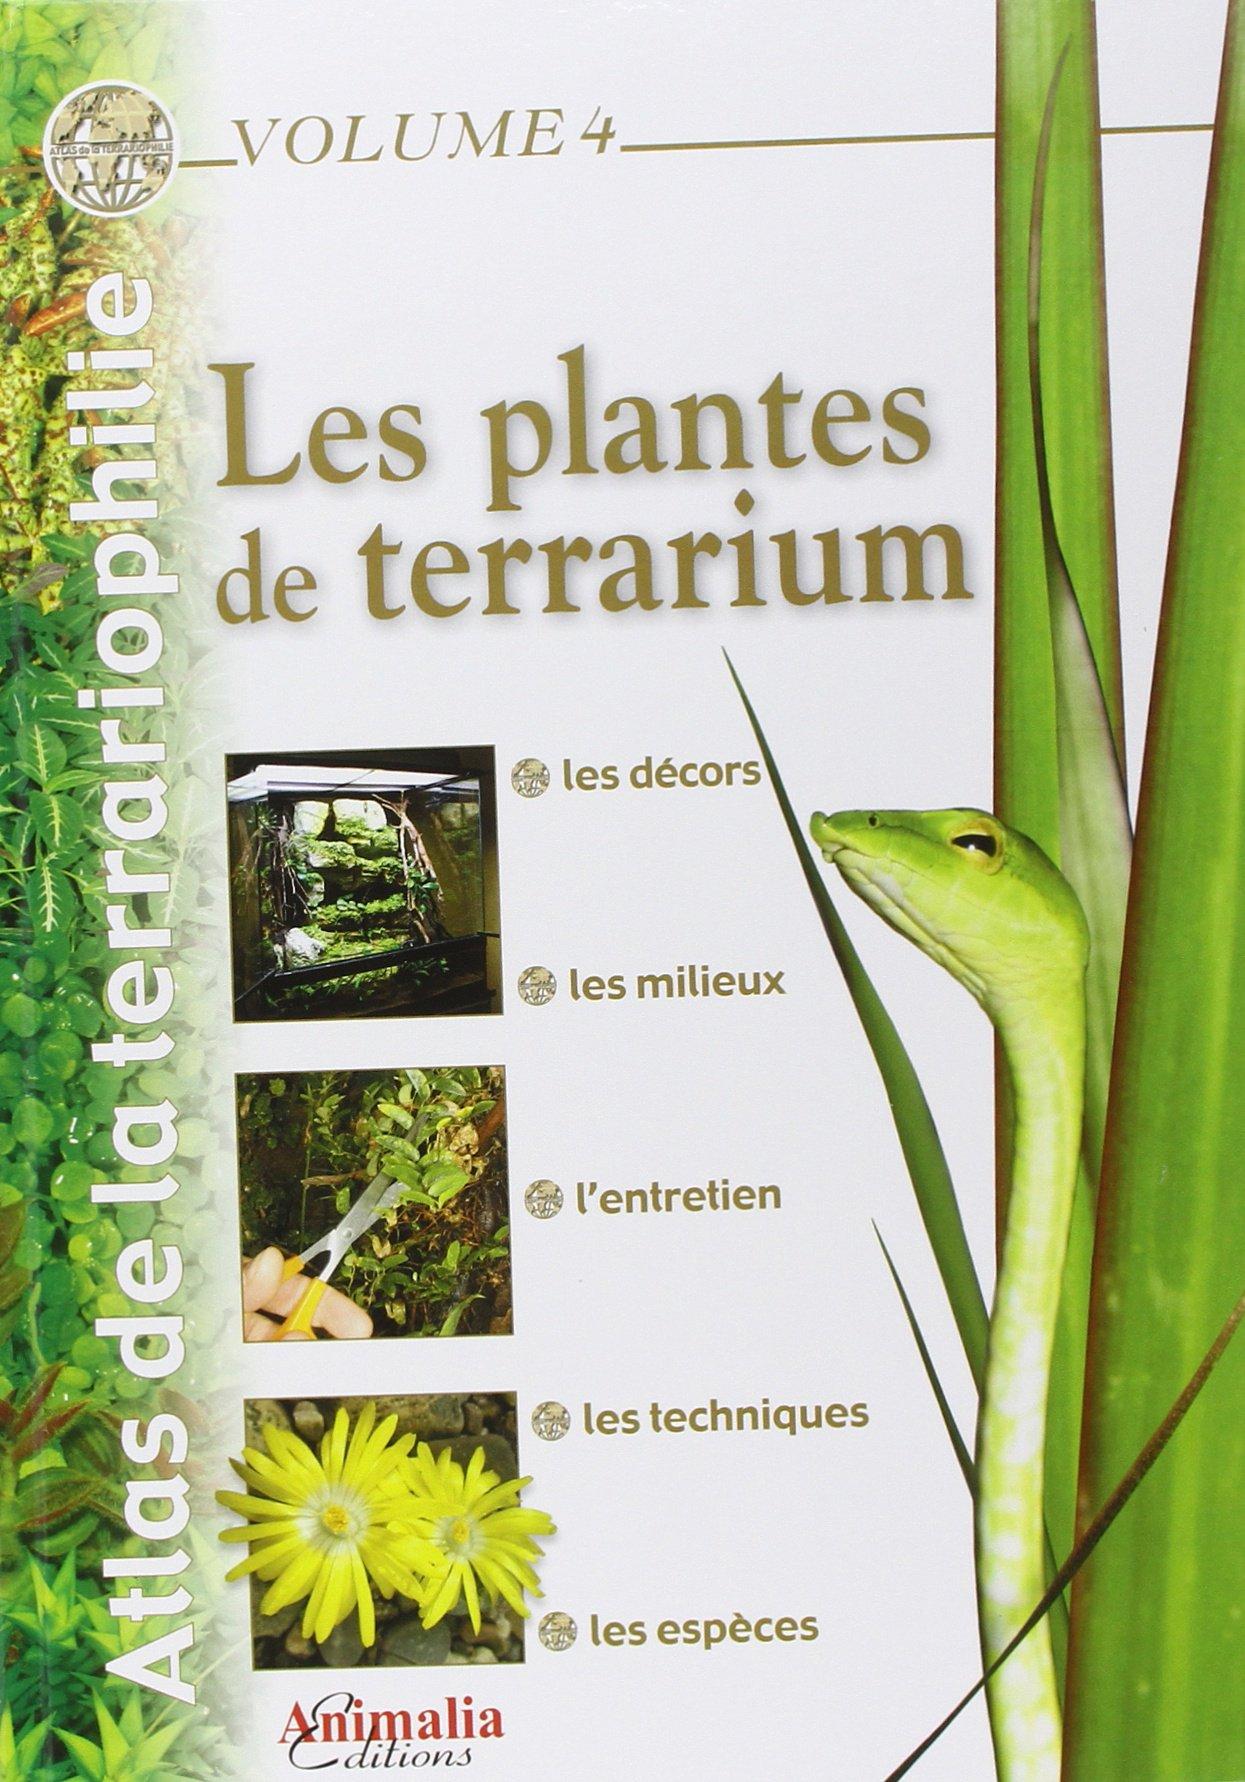 Atlas de la terrariophilie - Volume 4: Les Plantes du terrarium Relié – 20 juillet 2013 Aurélien Bour Animalia 2359090313 LIVRES PRATIQUES